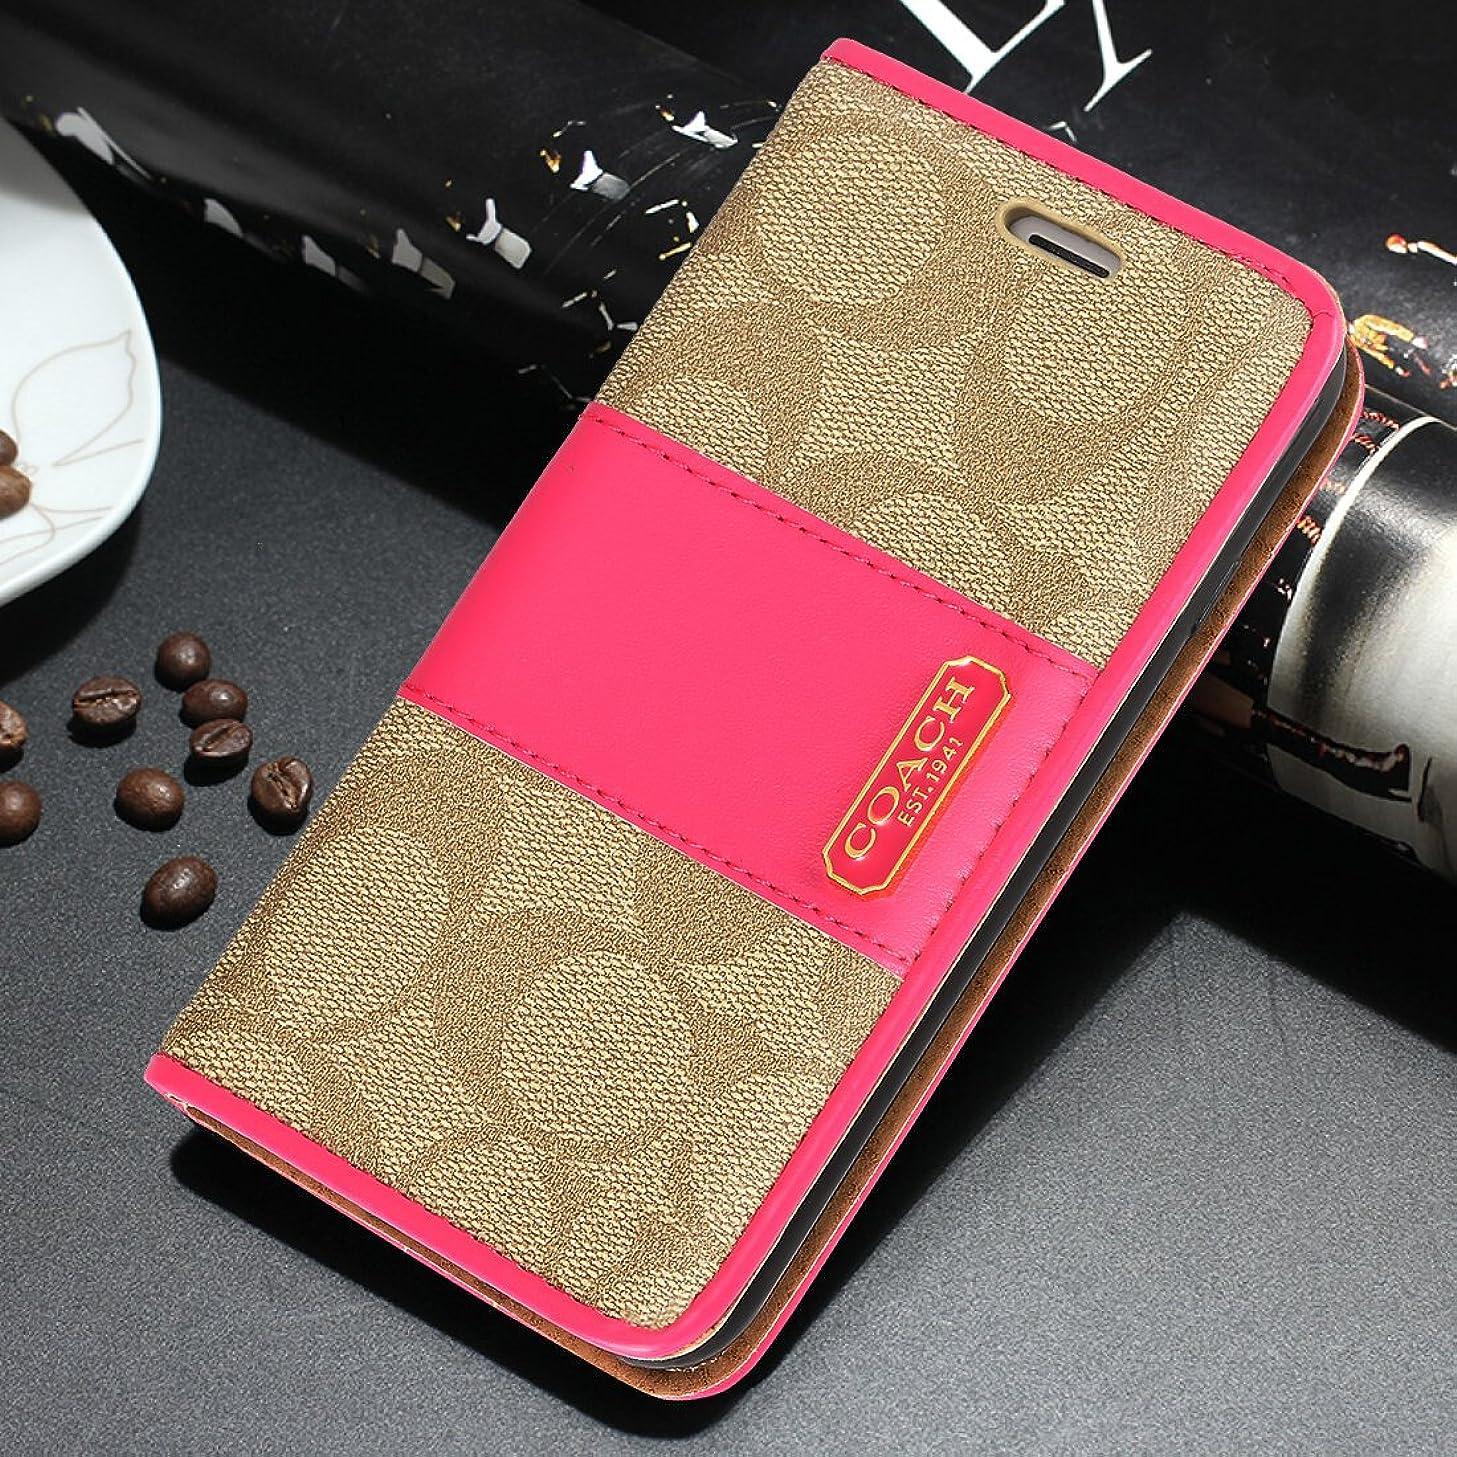 Iphone7/8 Iphone7plus/8plus IphoneX 手帳型 携帯ケース 人気高級PUレザー ウォレット式 携帯カバー カードポケット メンツ レディース ビジネス 多機能 (iphoneXS max, ピンク1)